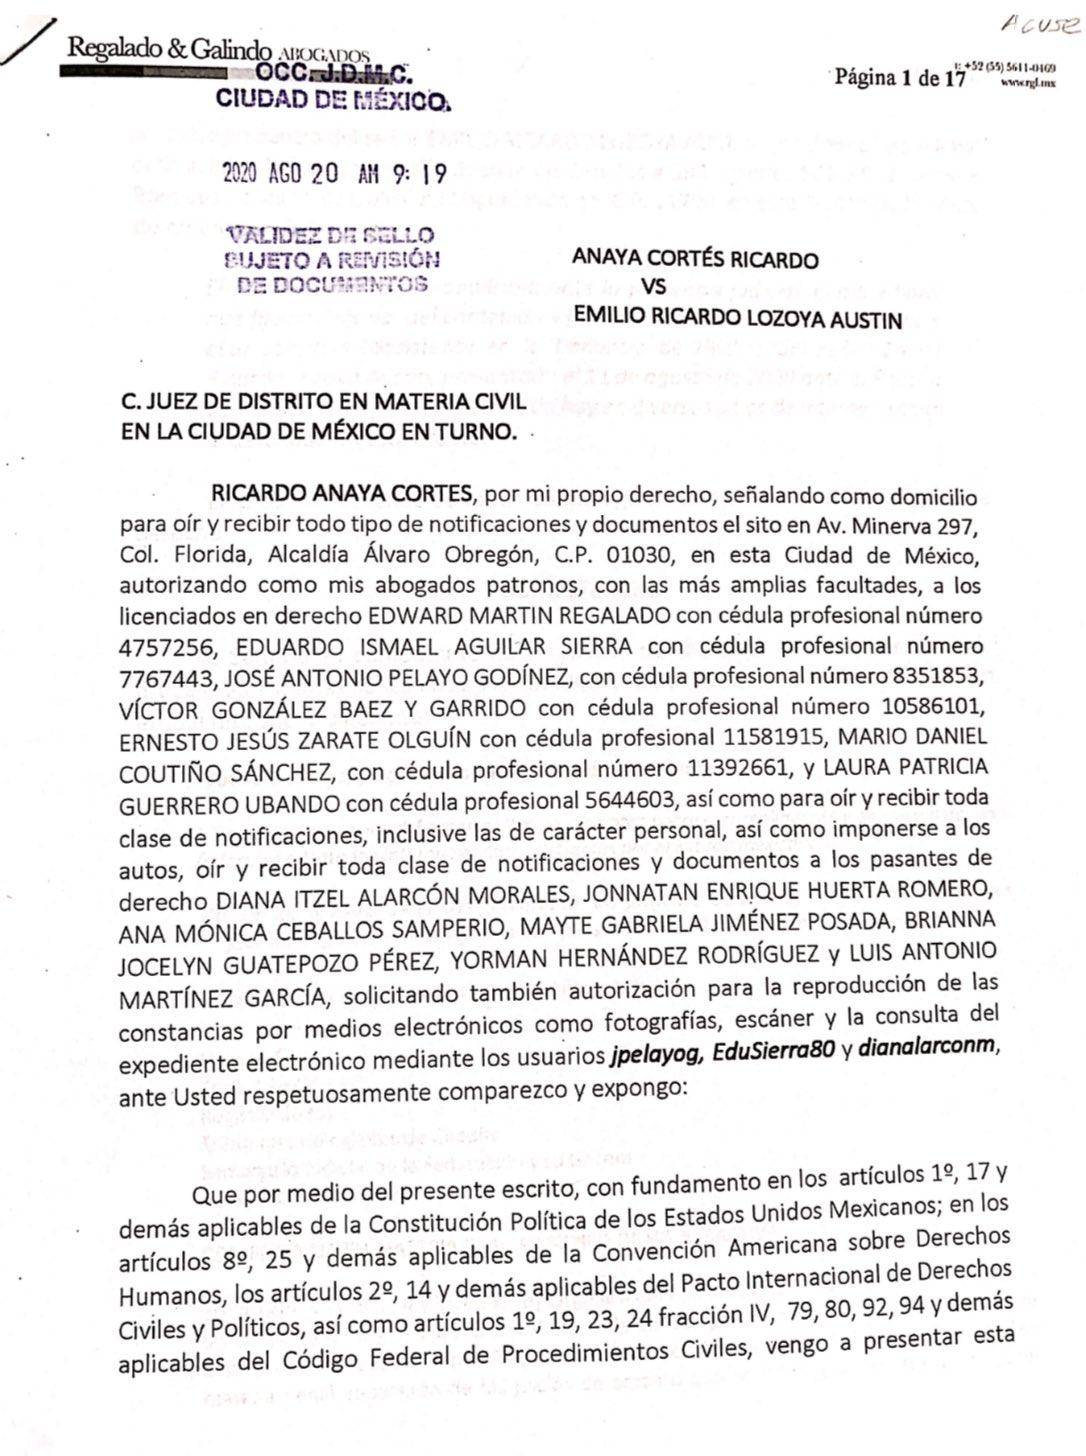 Ricardo Anaya denuncia a Emilio Lozoya y ya inició la investigación en su contra